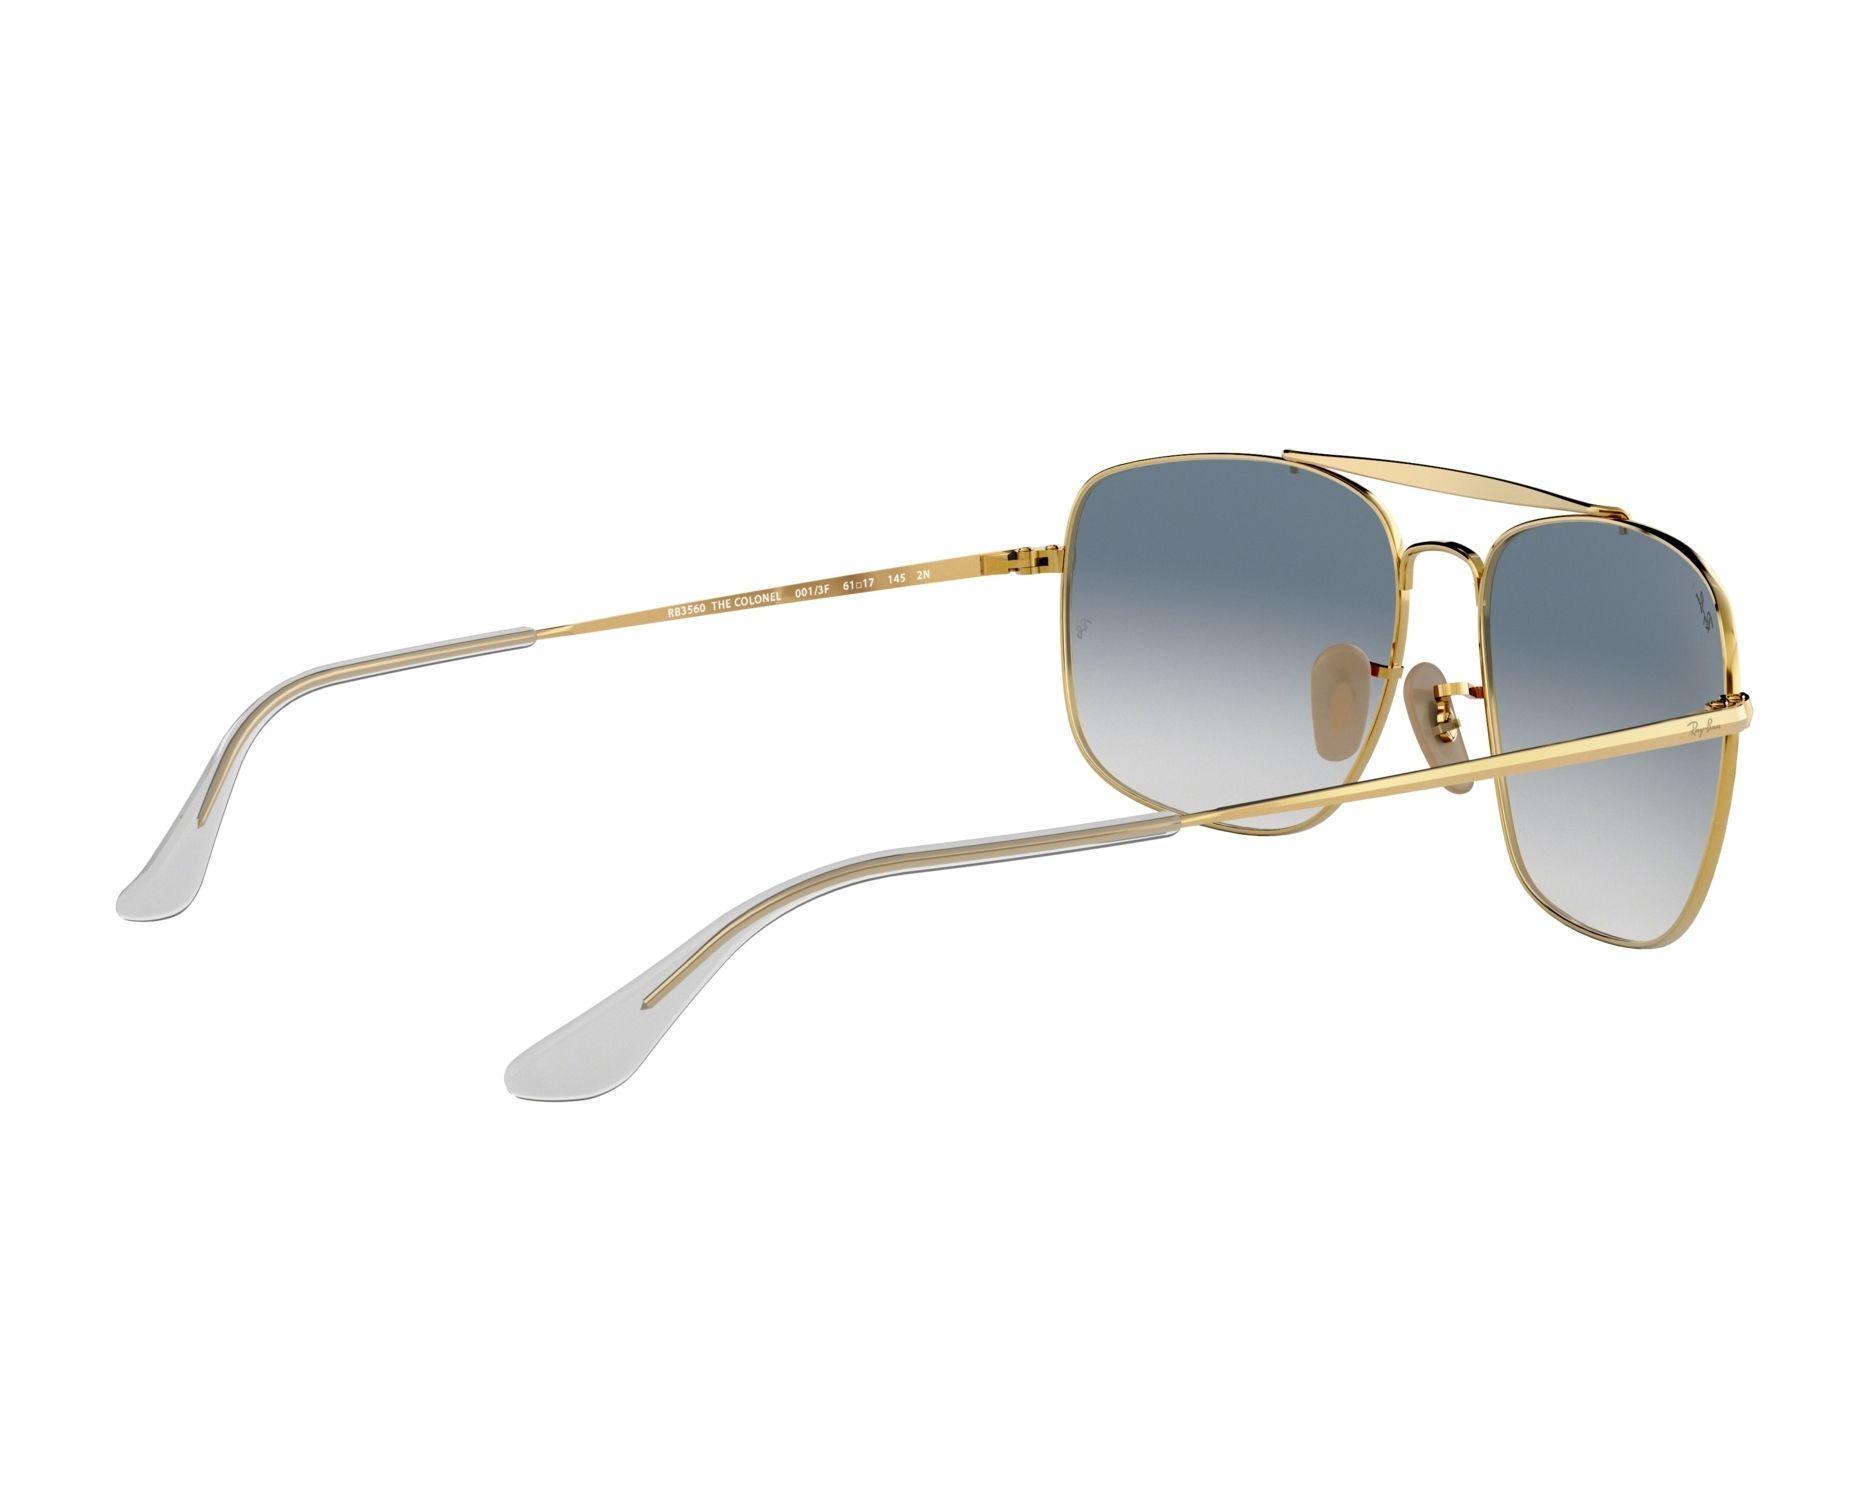 fa31749095e Sunglasses Ray-Ban RB-3560 001 3F 58-17 Gold 360 degree